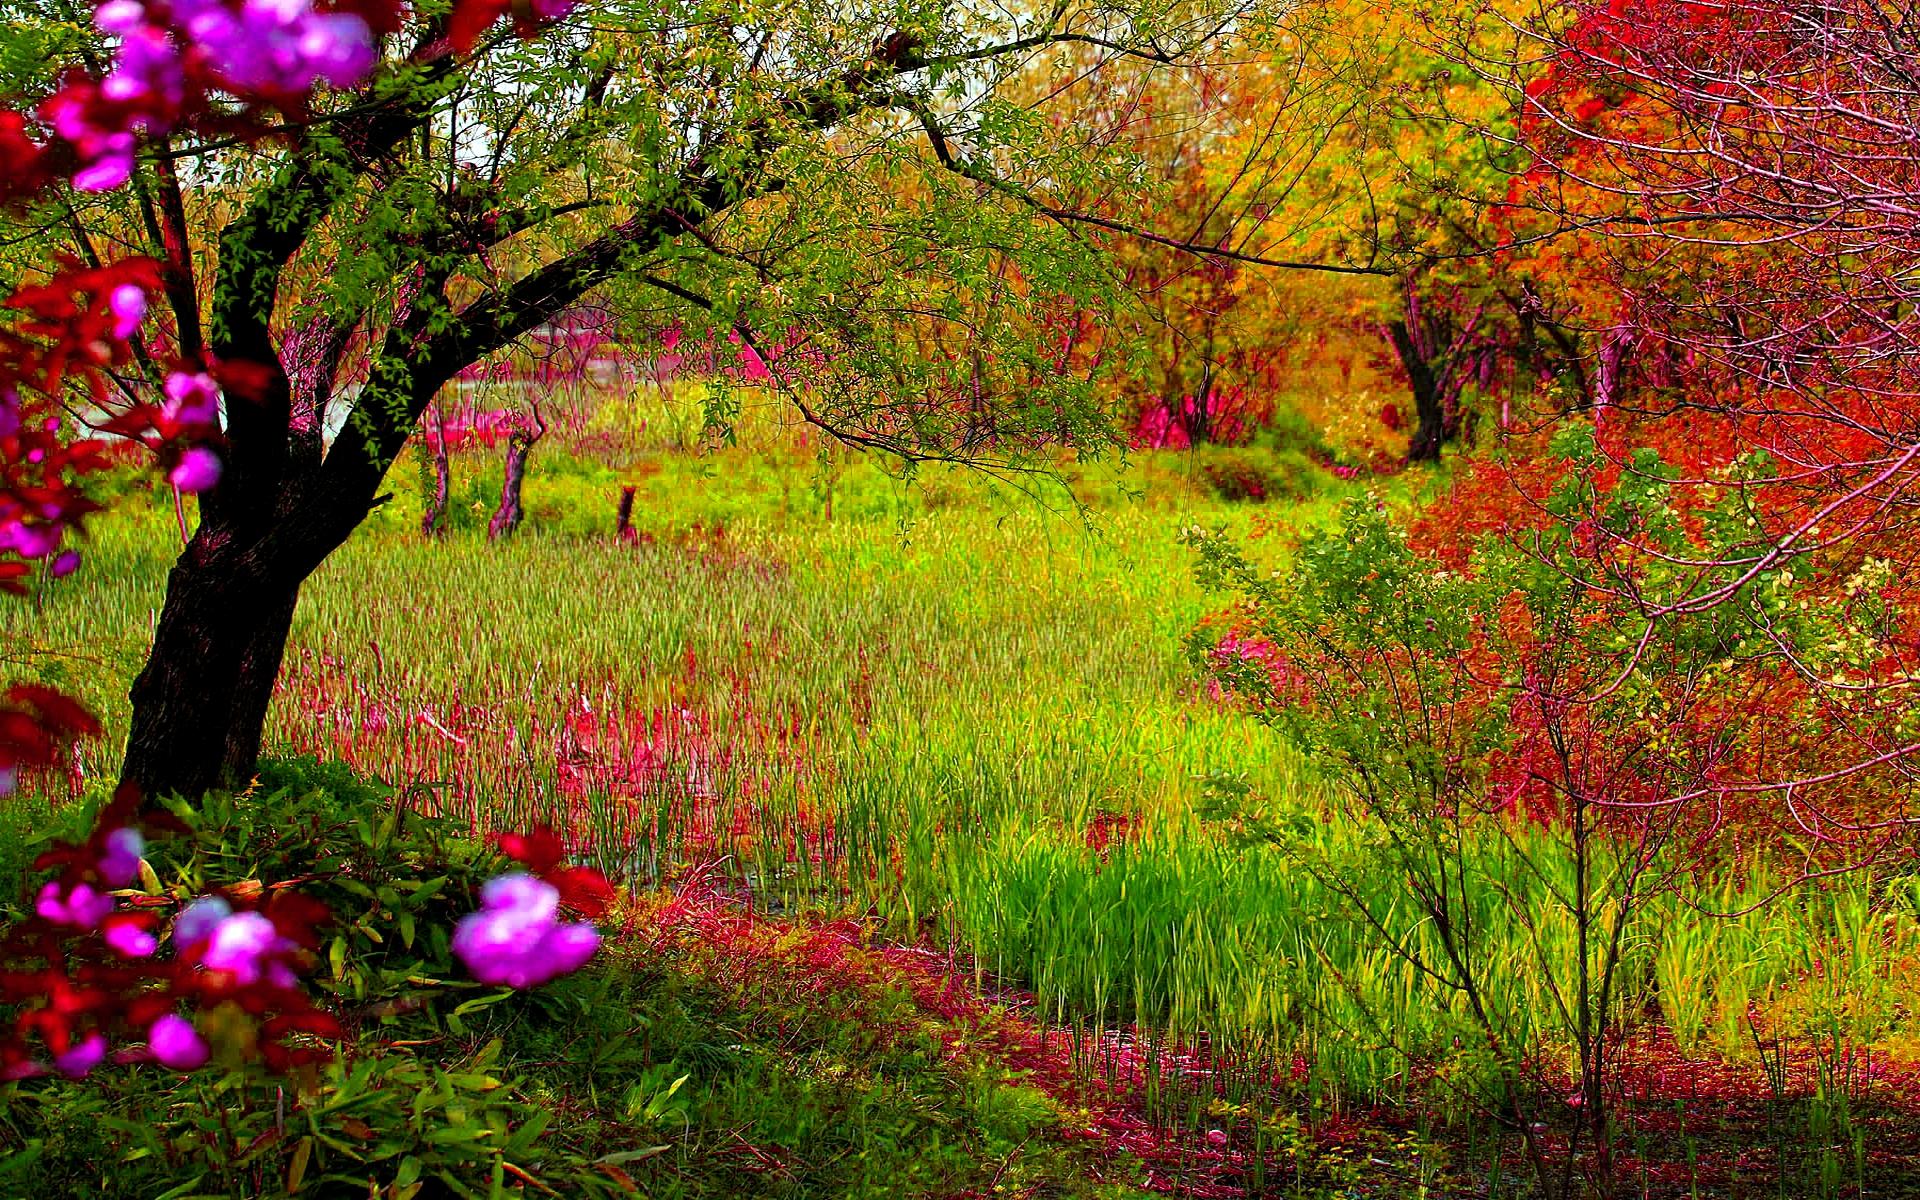 Spring Forest Wallpaper Widescreen